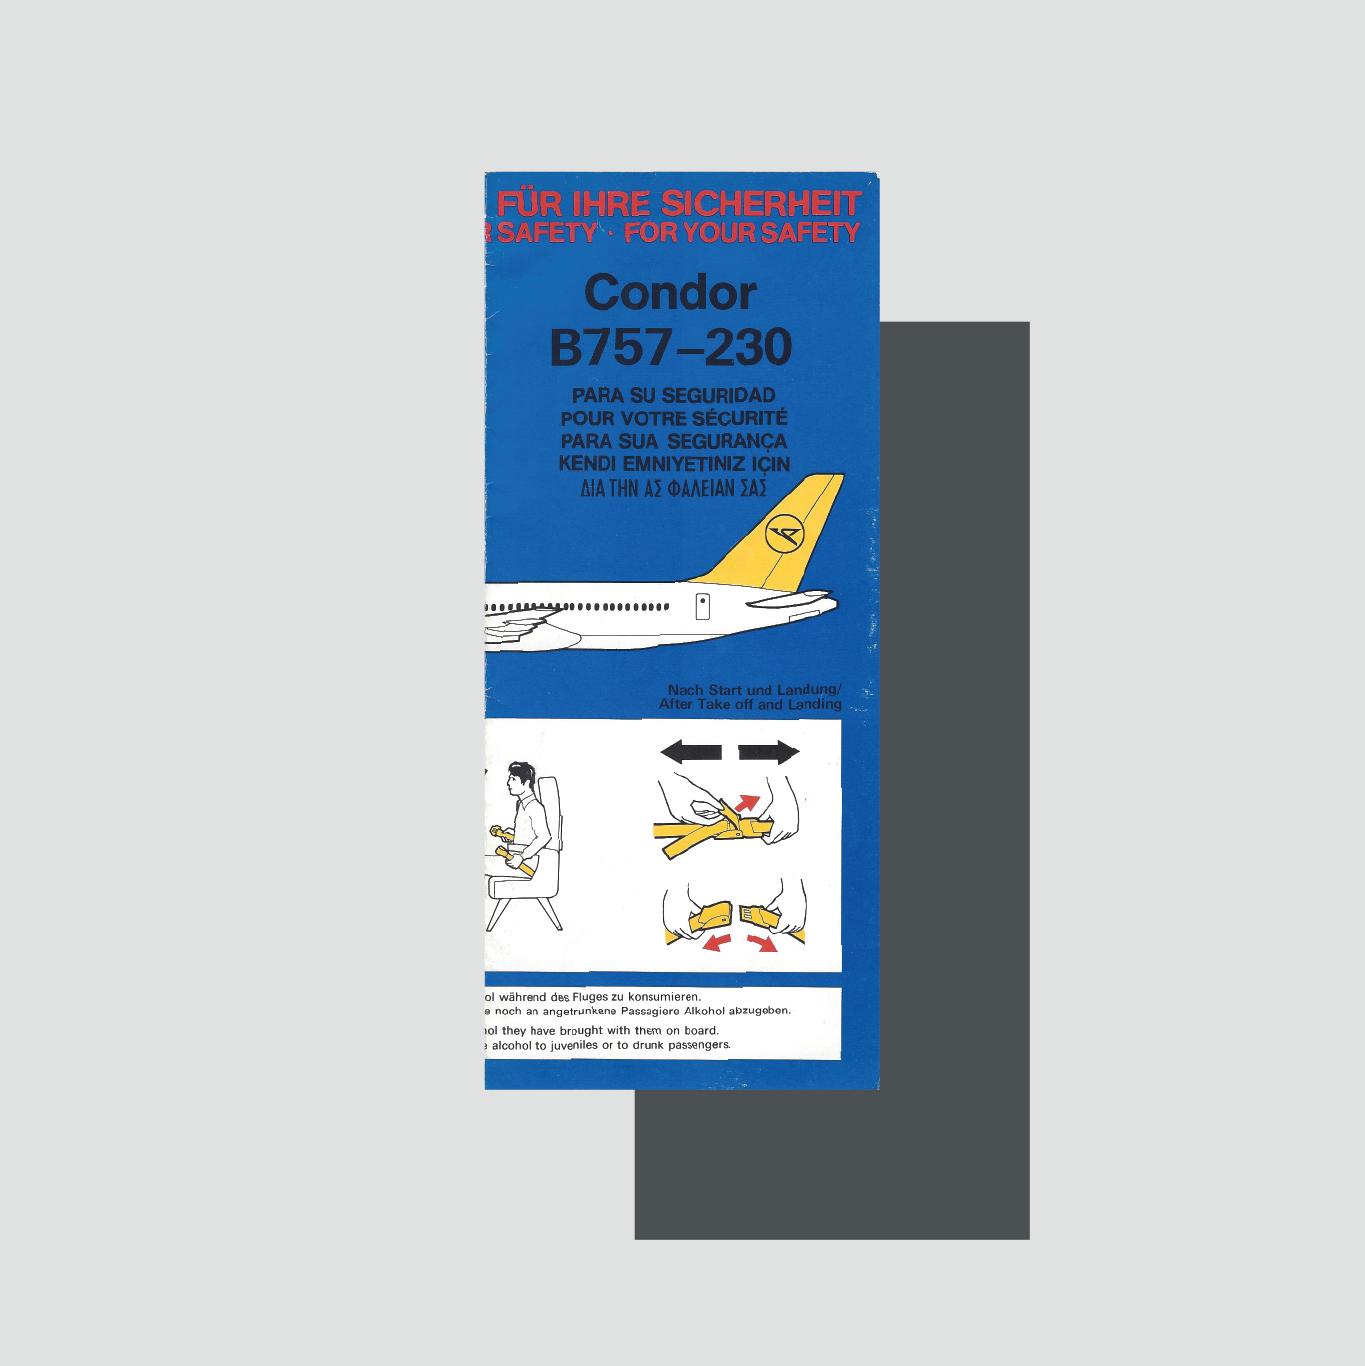 Condor B757-230